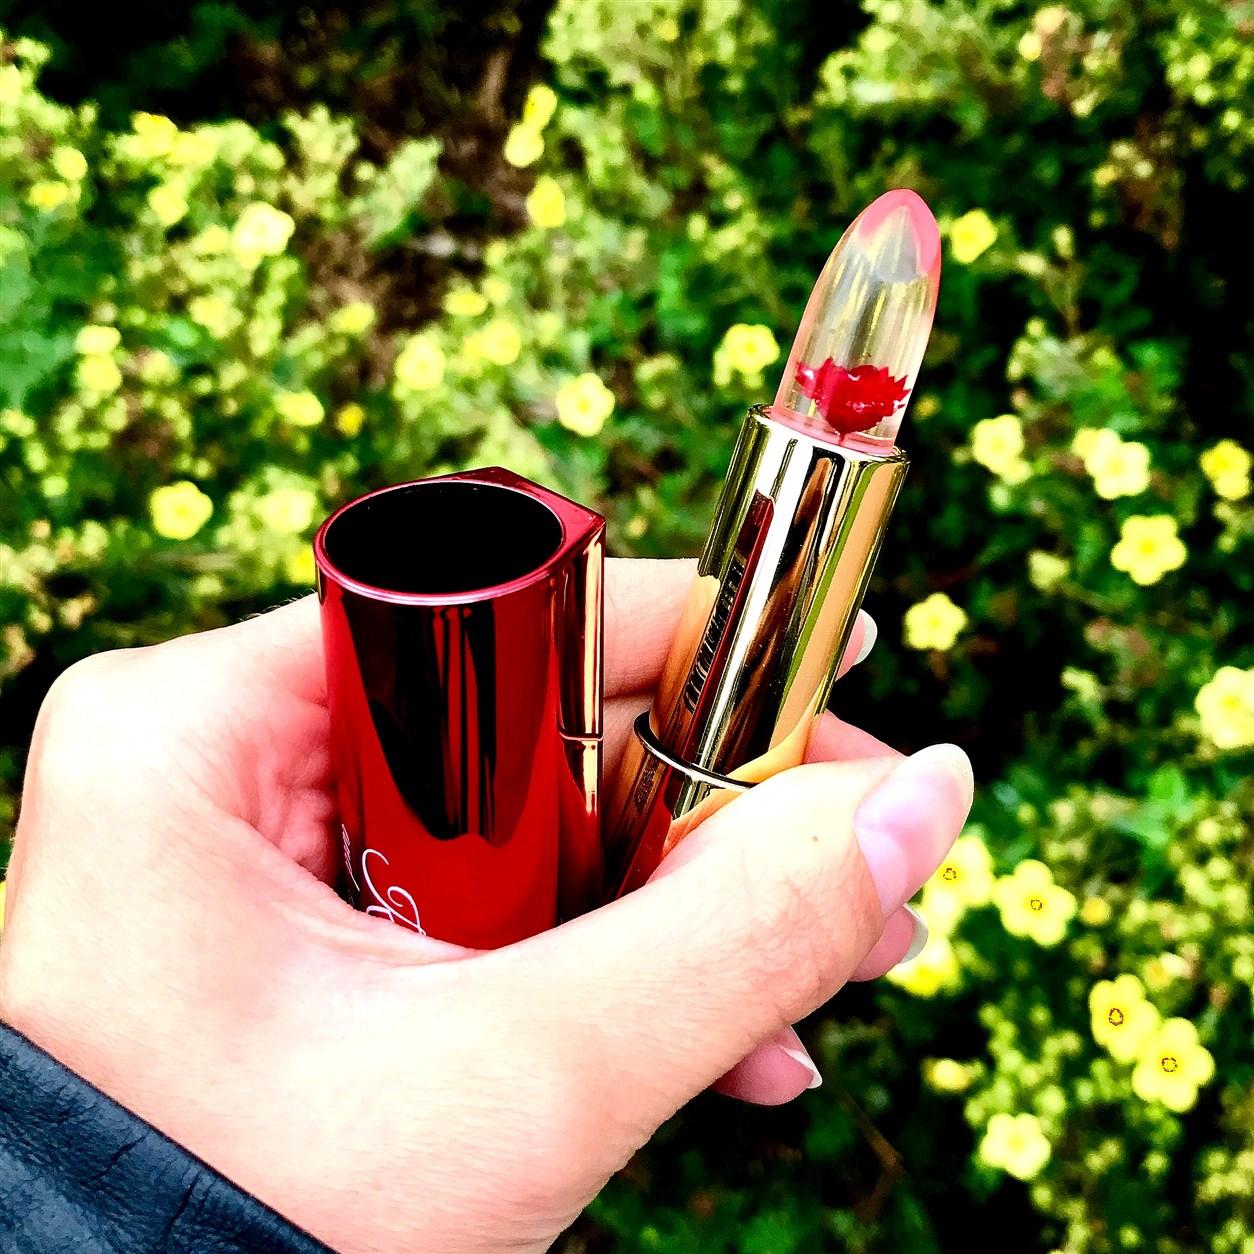 zdjęcie informujące o październikowej promocji w Rossmannie - 49 procent na kosmetyki do makijażu